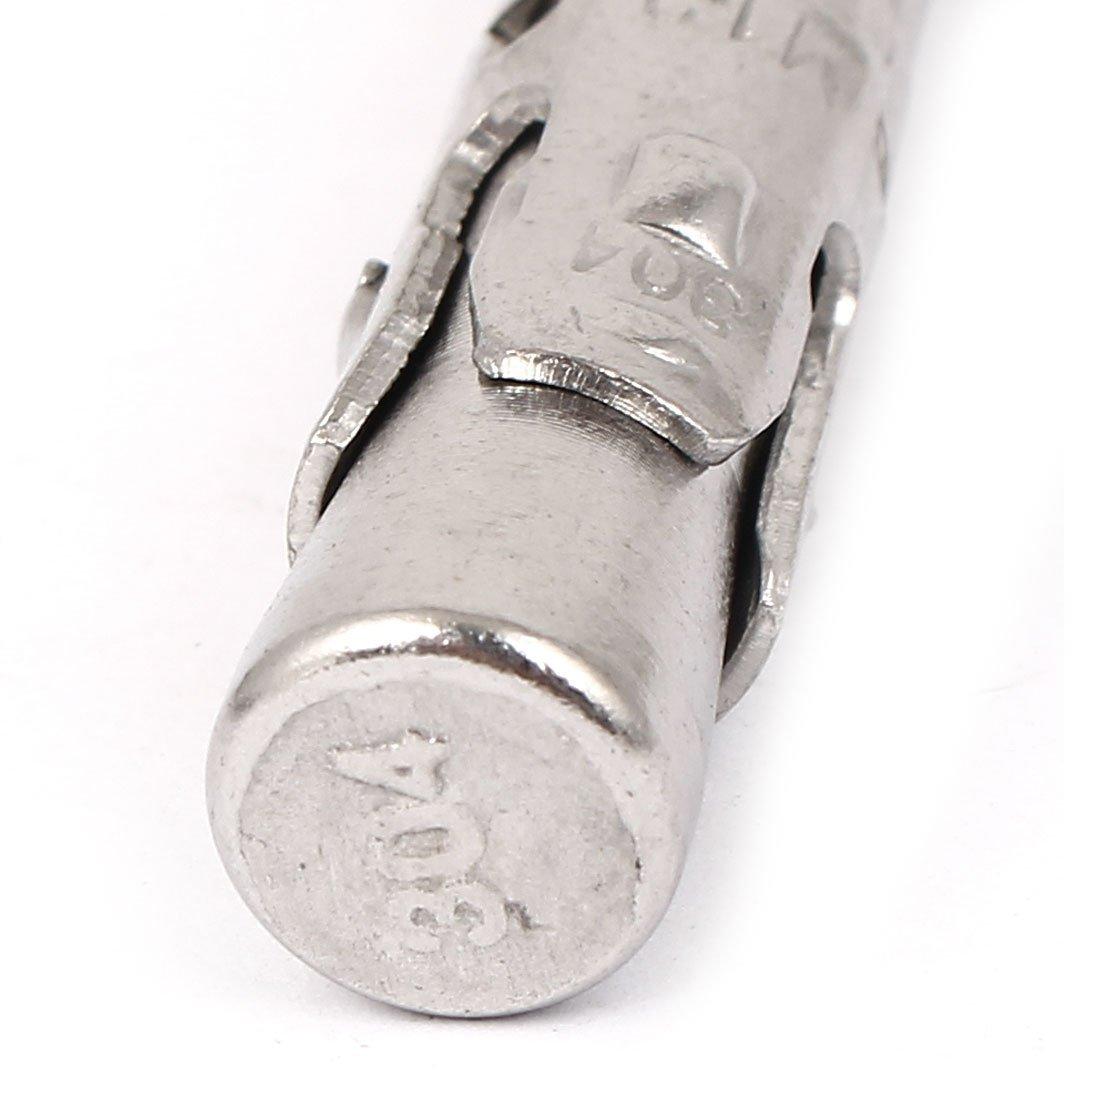 Voiture en Acier inoxydable eDealMax Réparation Gecko Extension Boulon Vis M12x150mm 2pcs